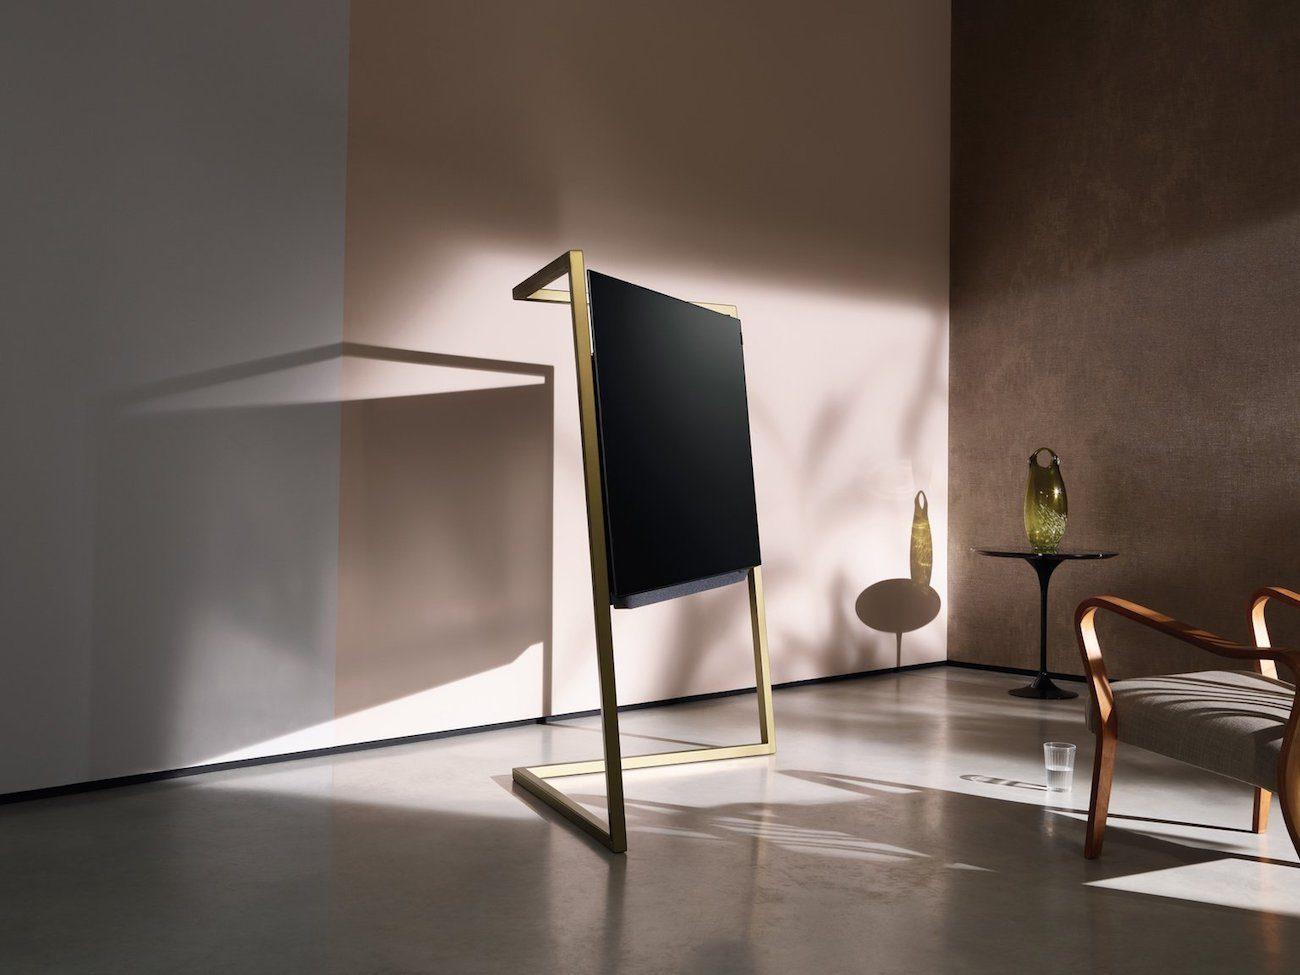 Loewe+Bild+9+OLED+TV